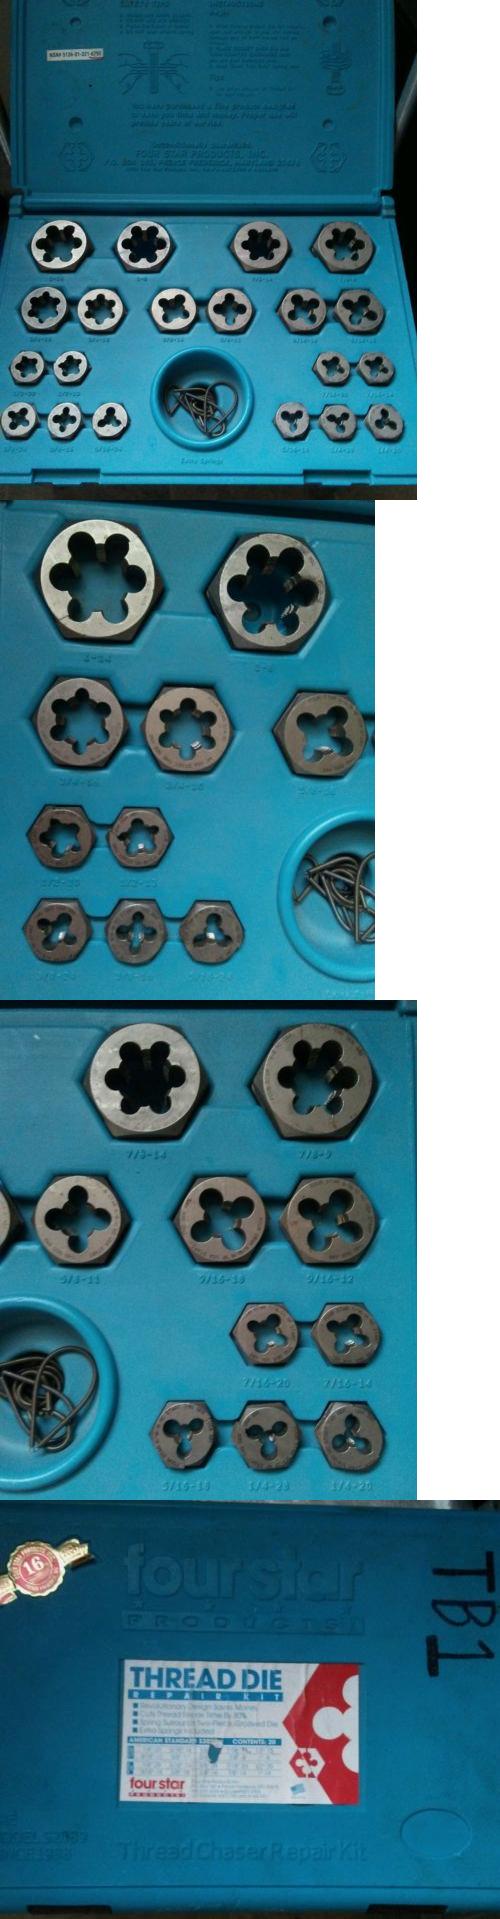 Taps and dies fourstar thread repair die kit sae ue buy it